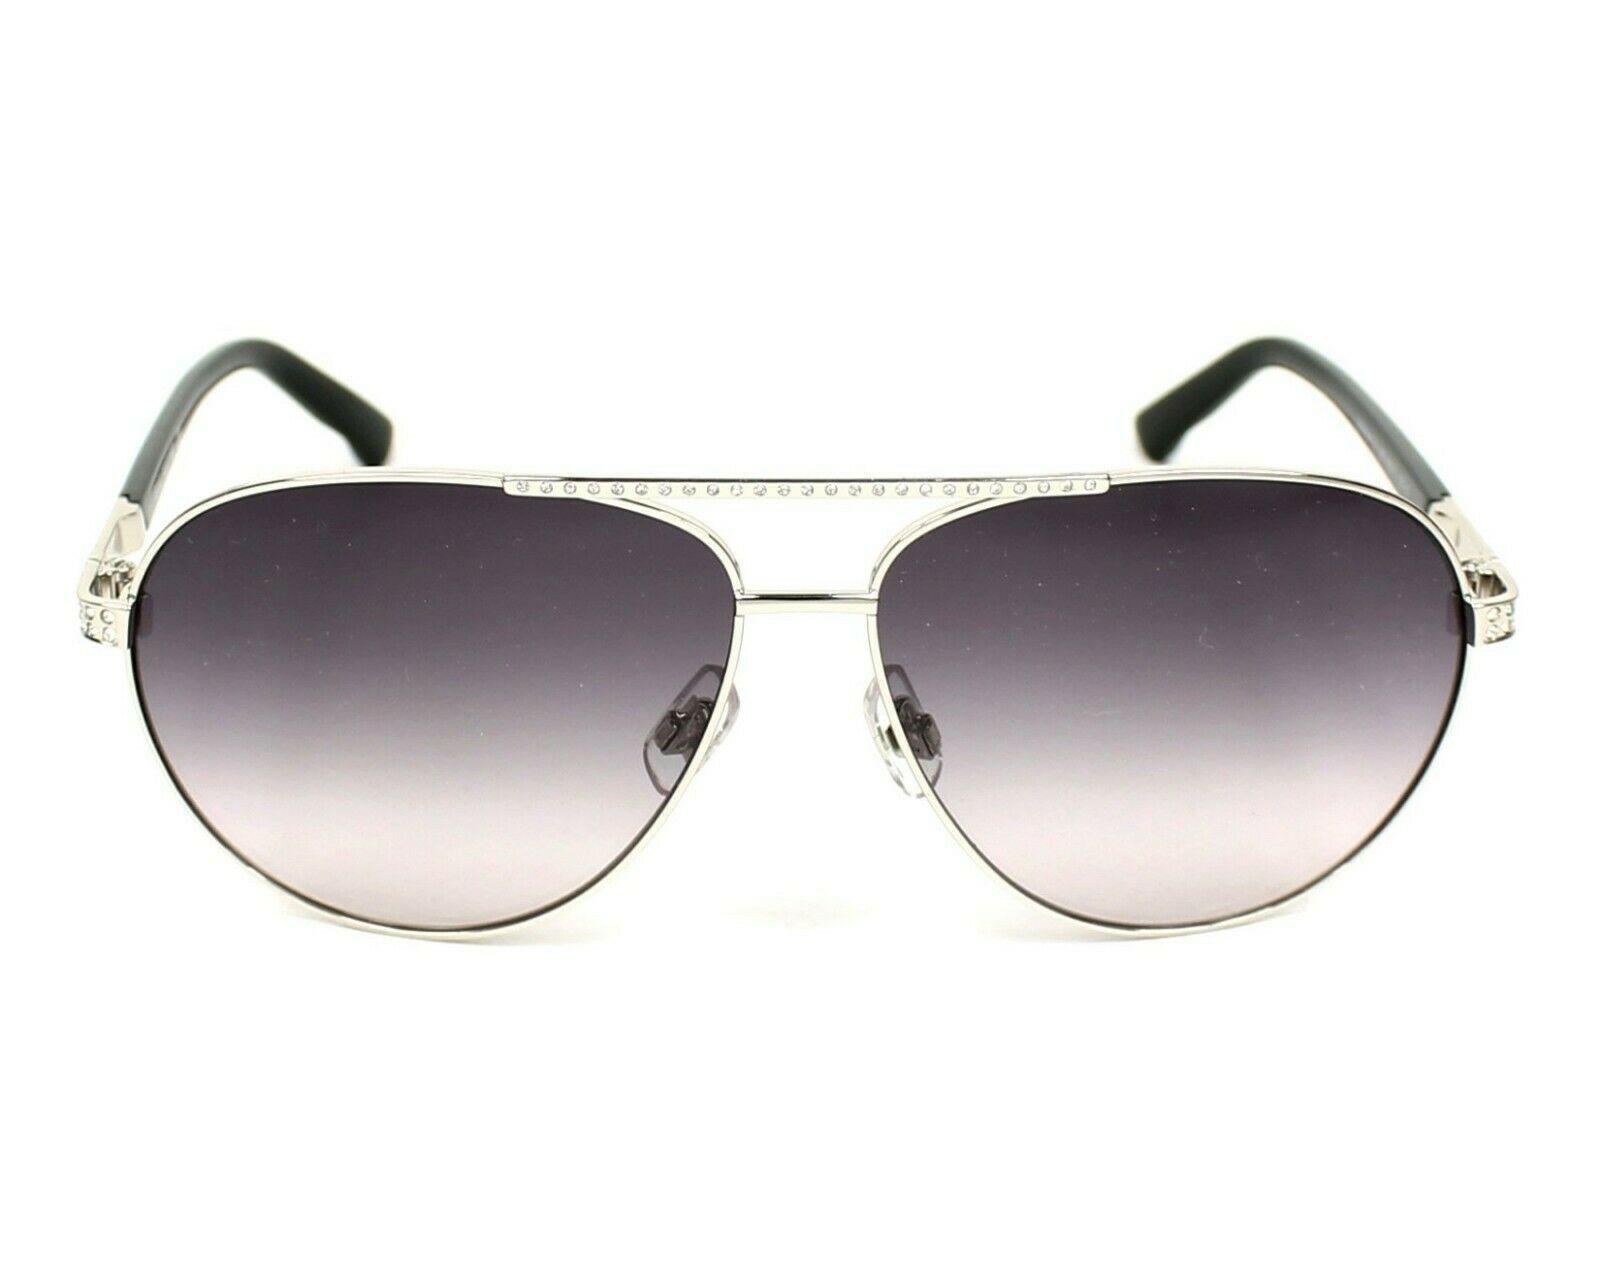 Swarovski SW78 16B Glänzend Palladium Farbverlauf Grau Linse Damen Sonnenbrille